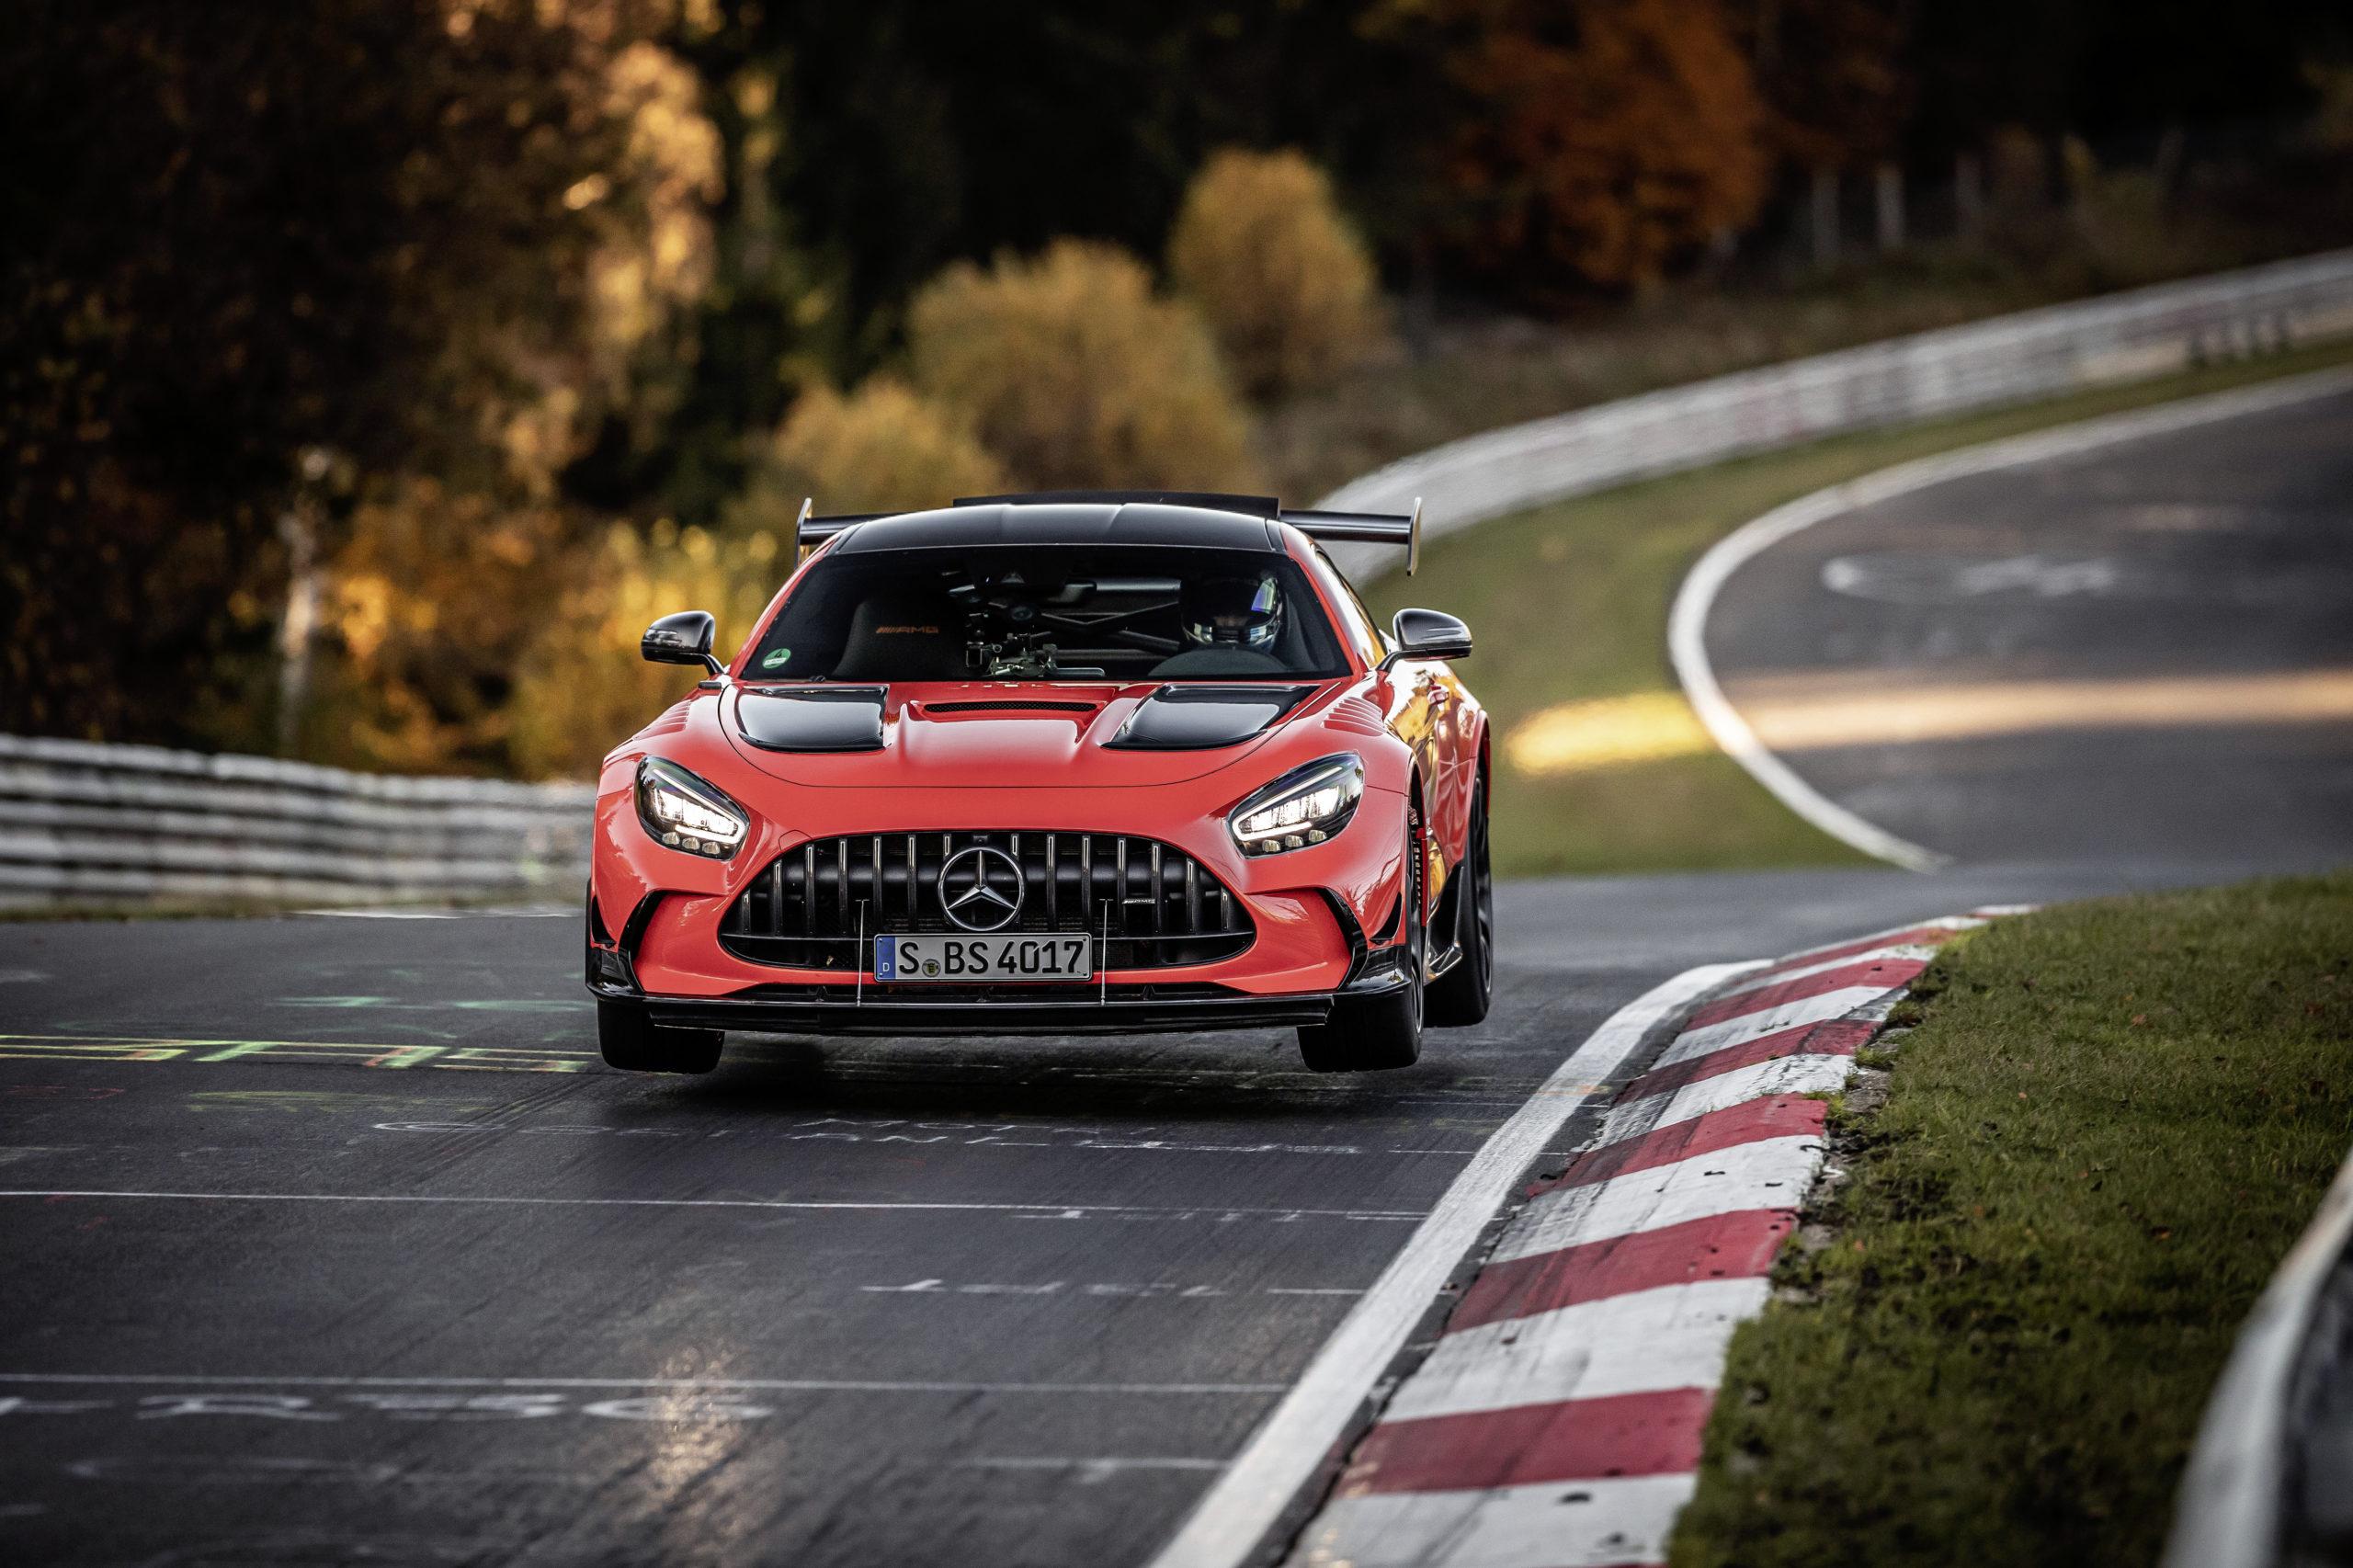 Mercedes-AMG GT Black Series schnellstes Serienfahrzeug auf der Nürburgring-NordschleifeMercedes-AMG GT Black Series